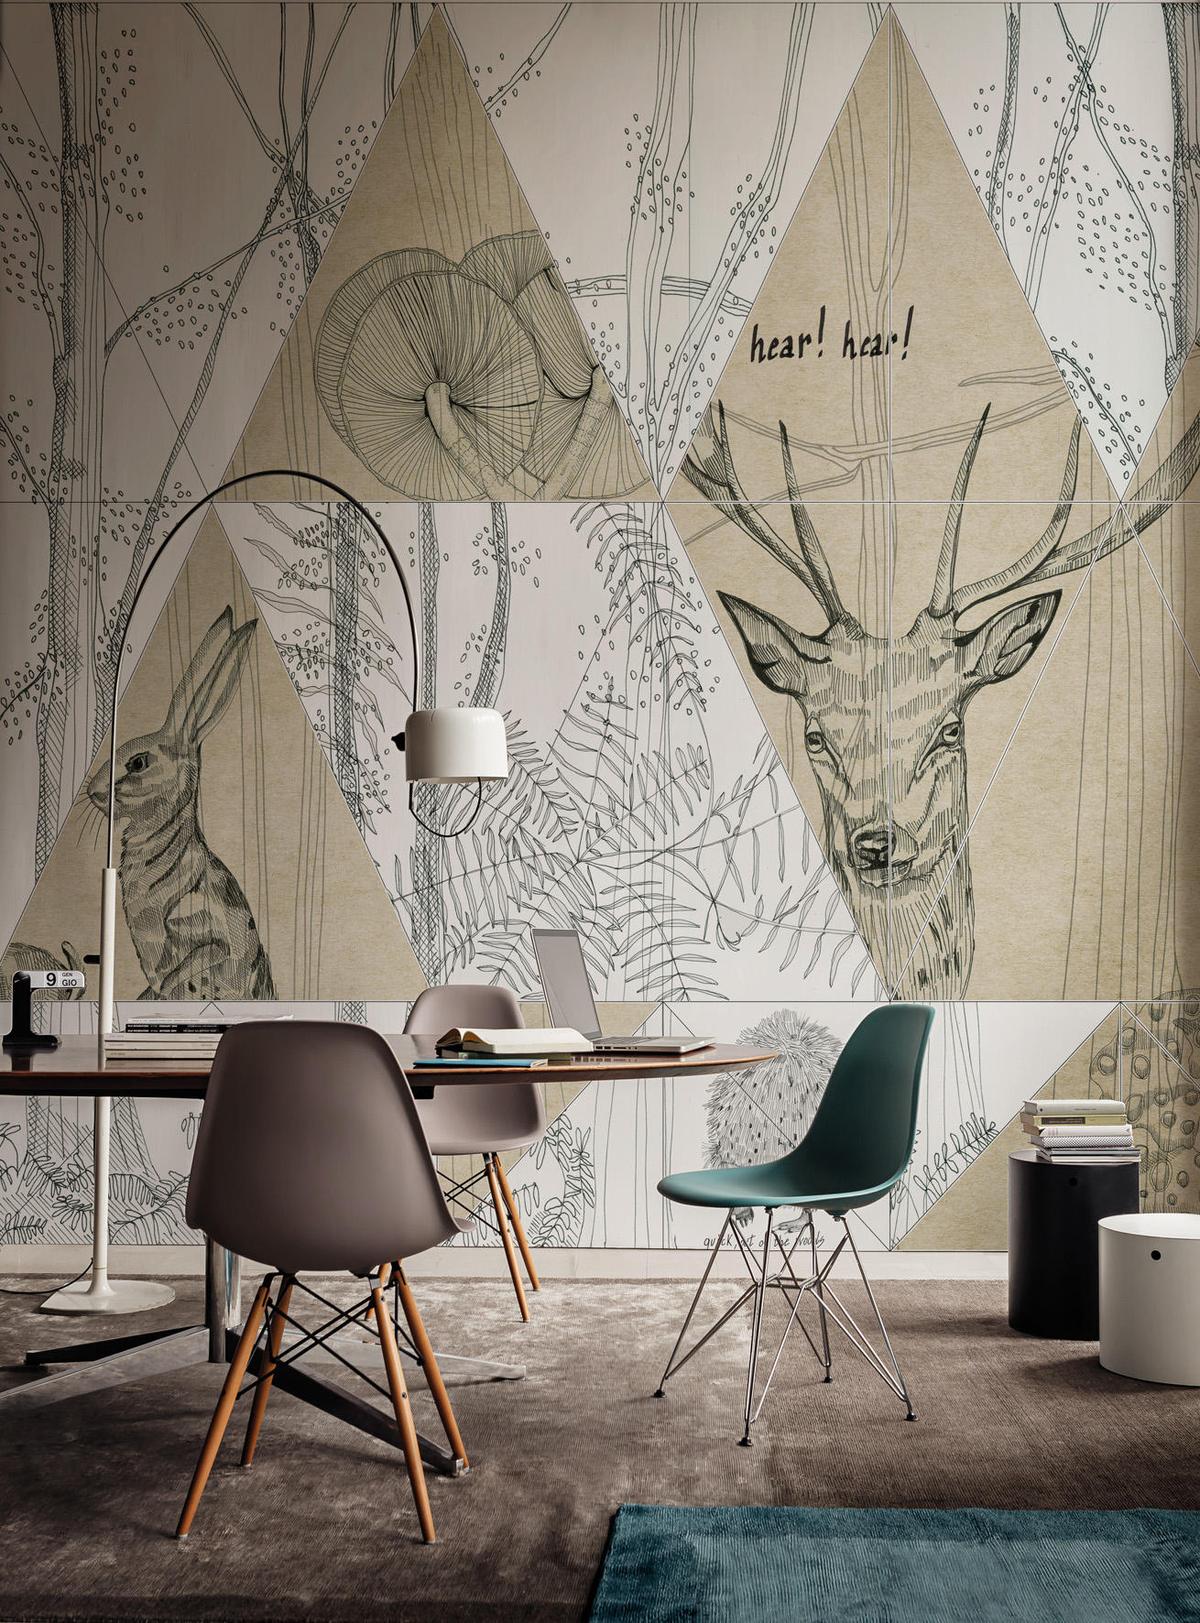 Скандинавские картинки для интерьера, днем города